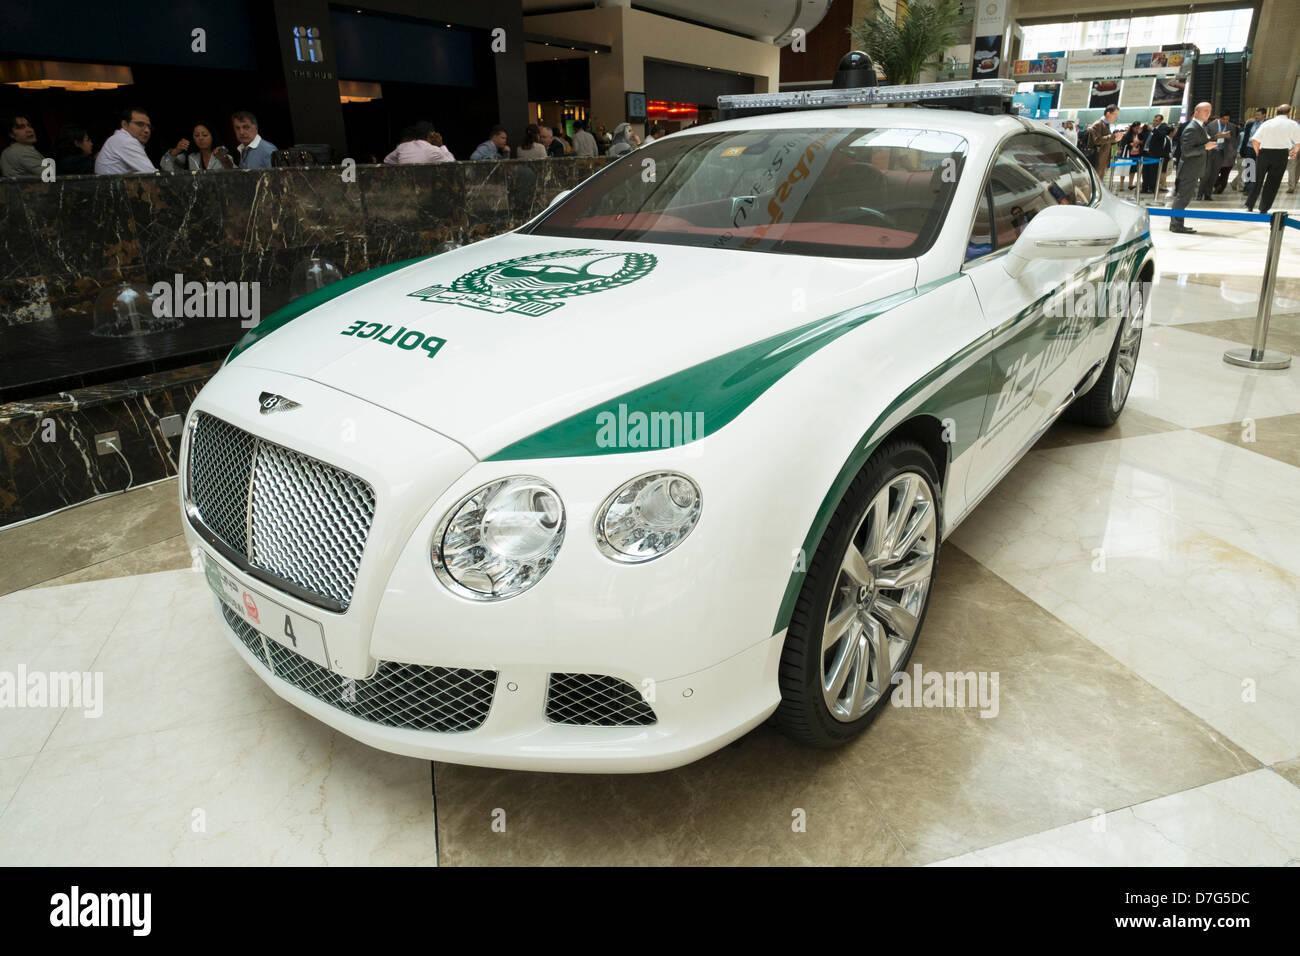 Dubai, Vereinigte Arabische Emirate. 7. Mai 2013. High-Performance Bentley Continental GT Dubai Polizei Auto auf Stockbild